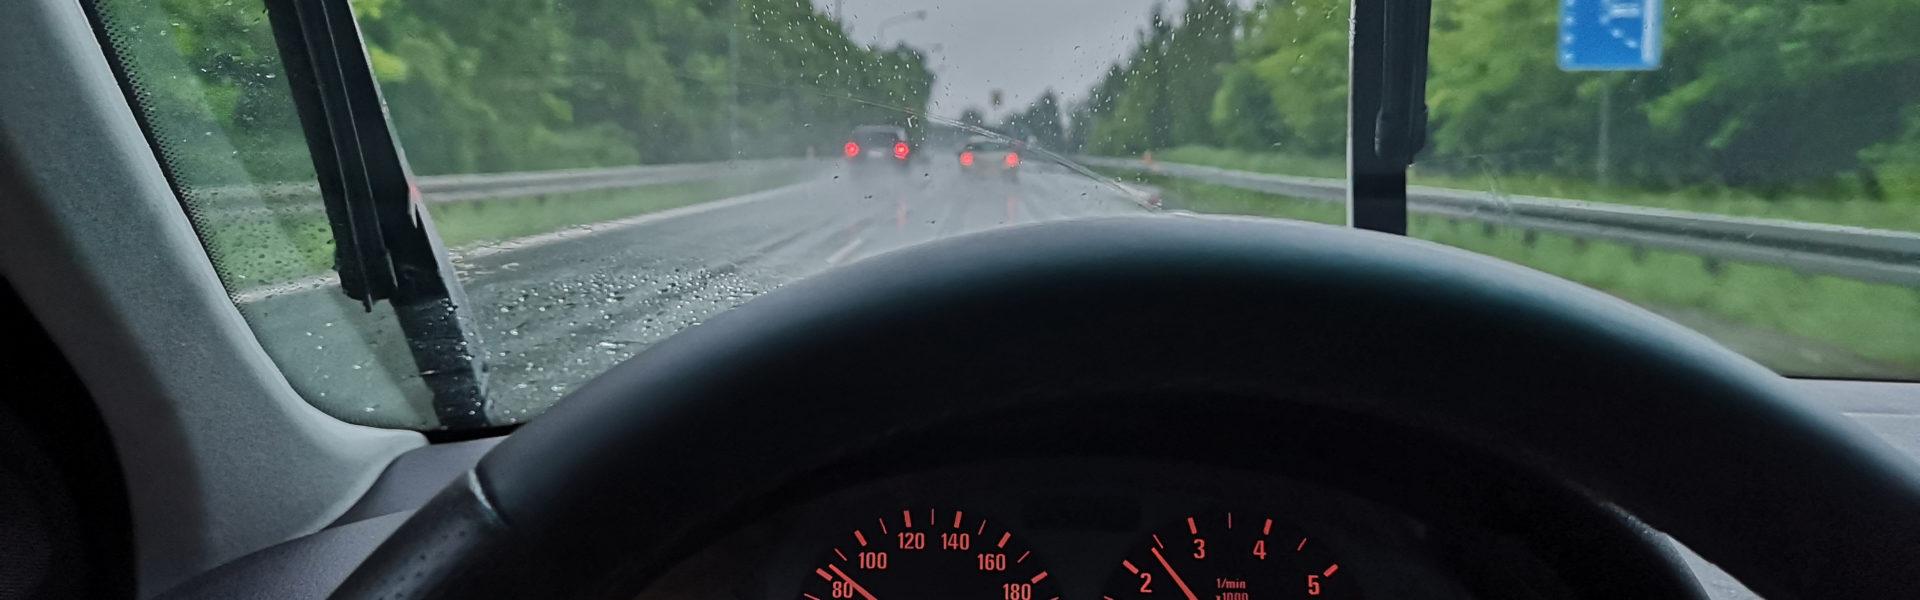 Dlaczego licznik w samochodzie zawyża prędkość?